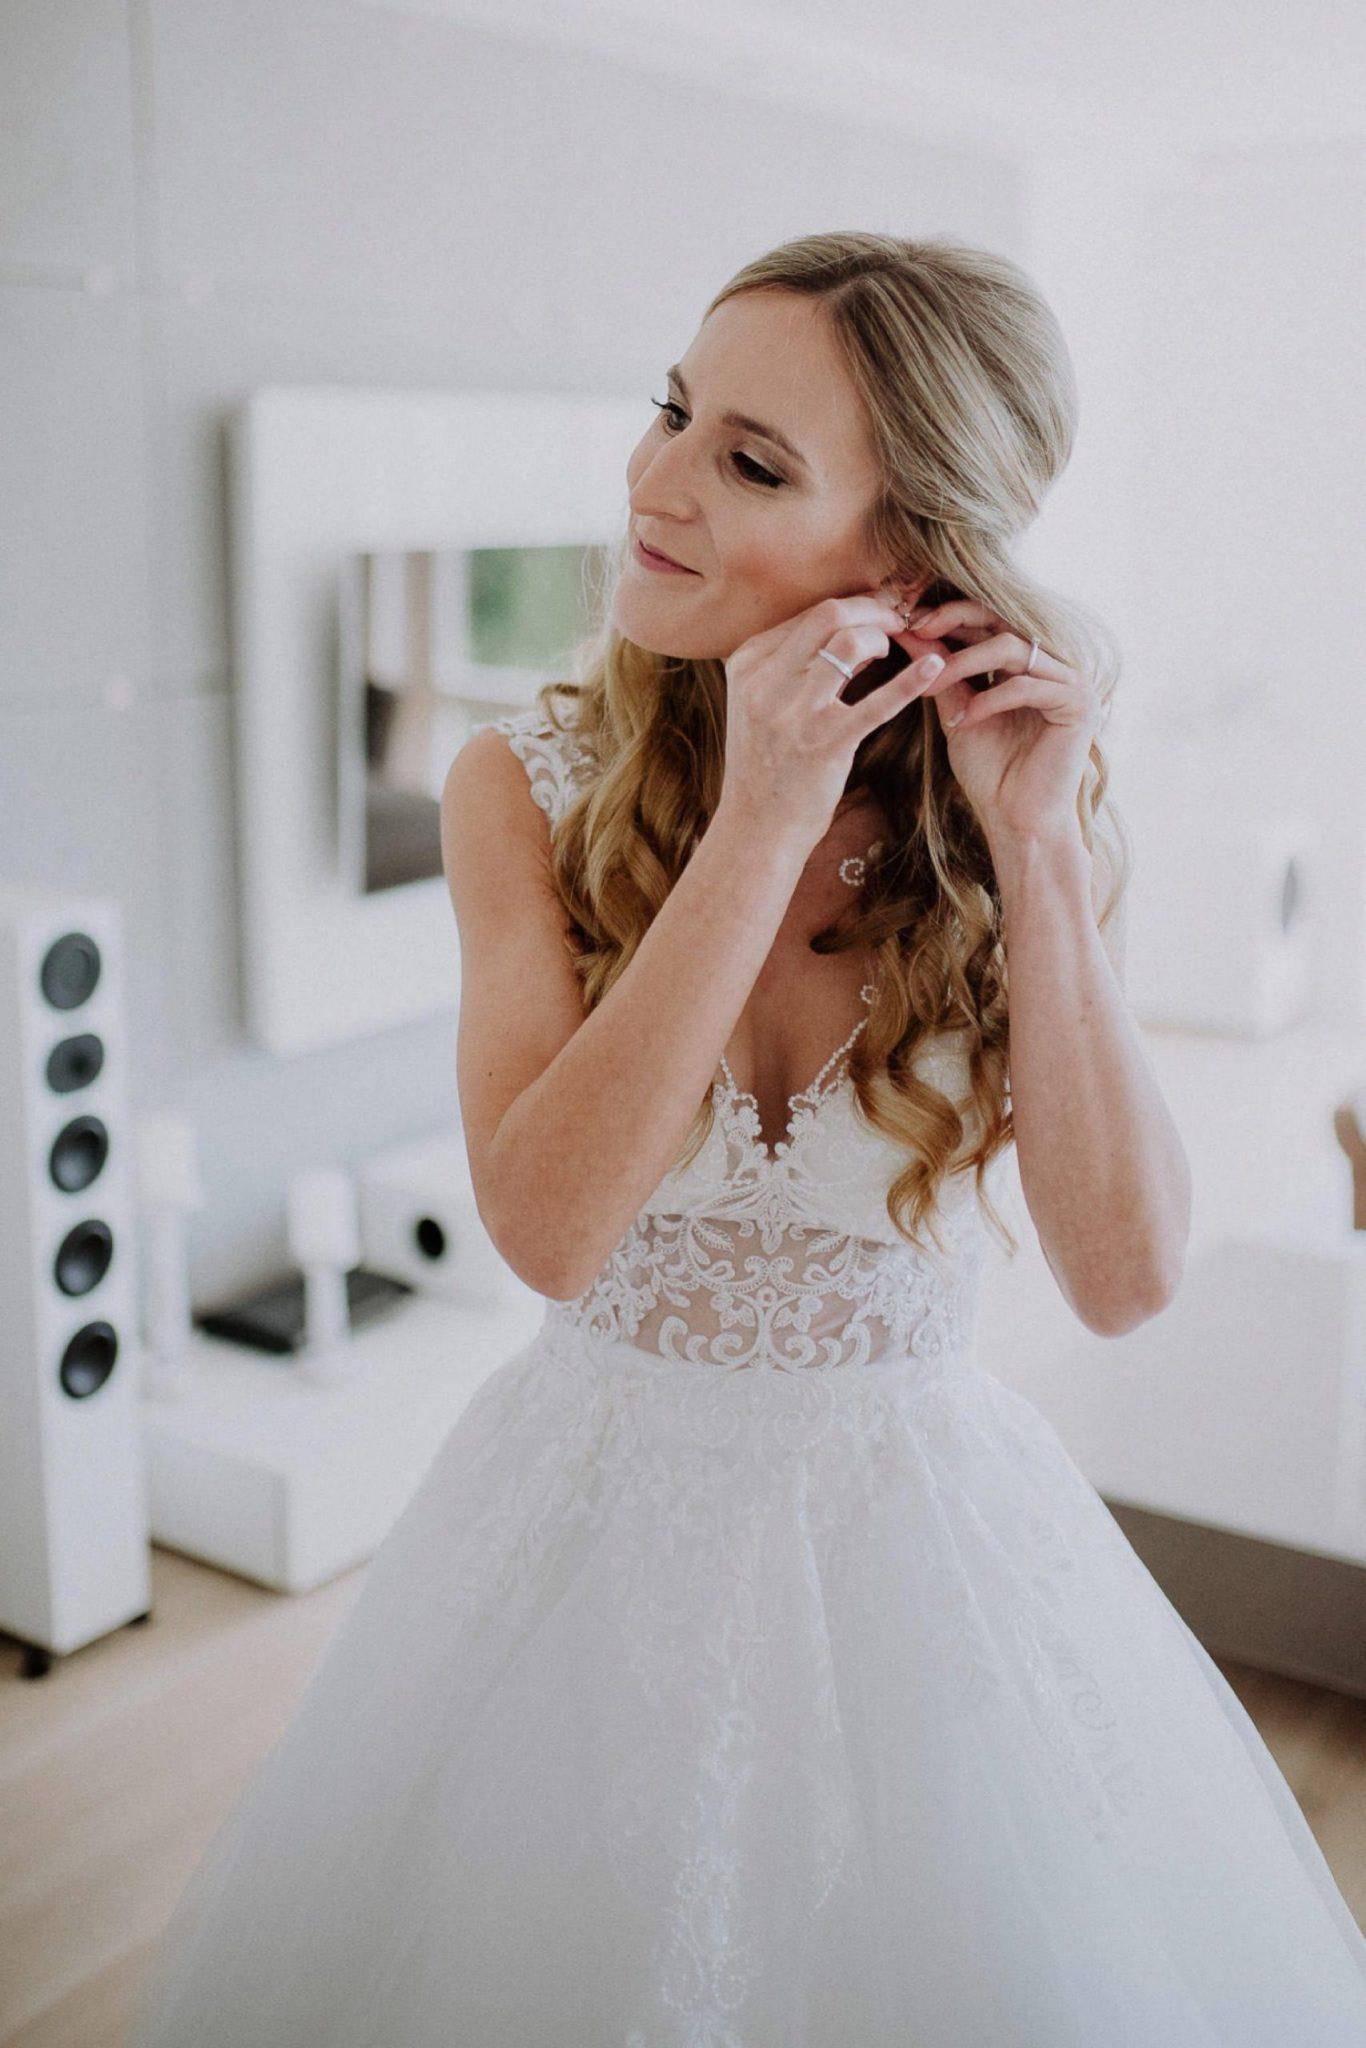 wedding photographer hamilton new zealand 1004 2 scaled